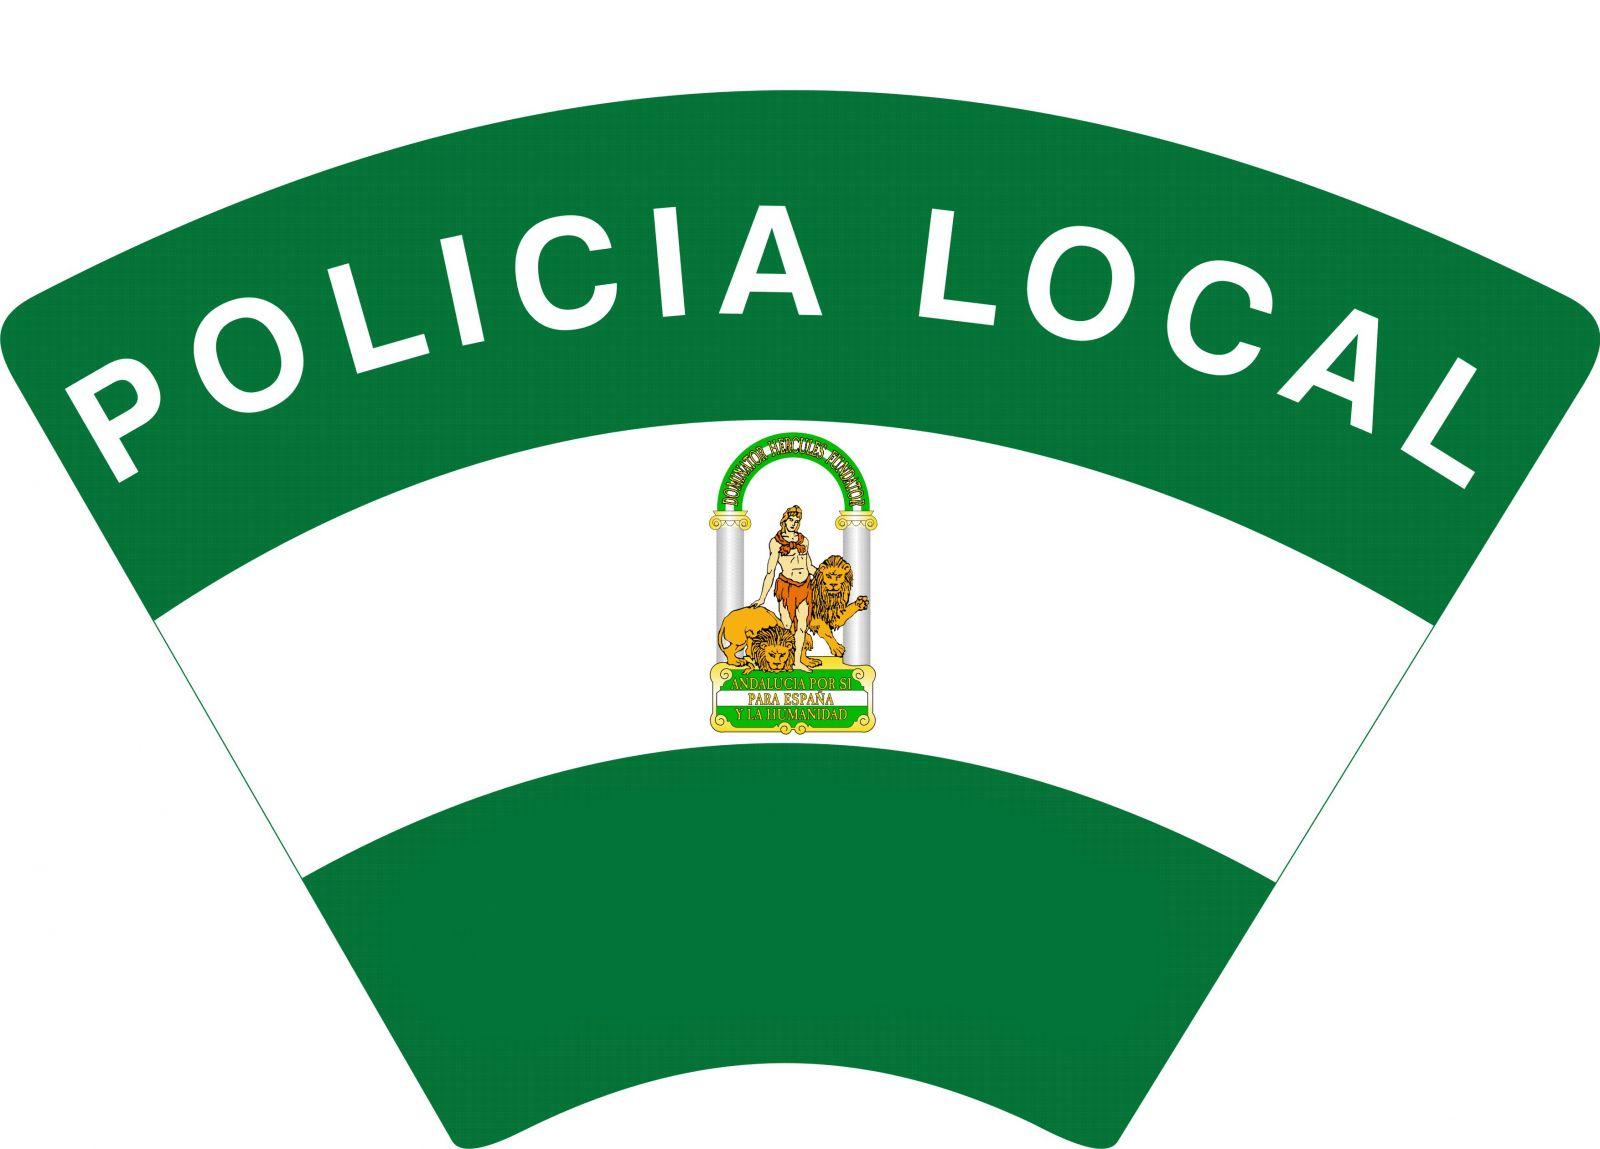 Unidad de Policía de la Comunidad Autónoma de Andalucía